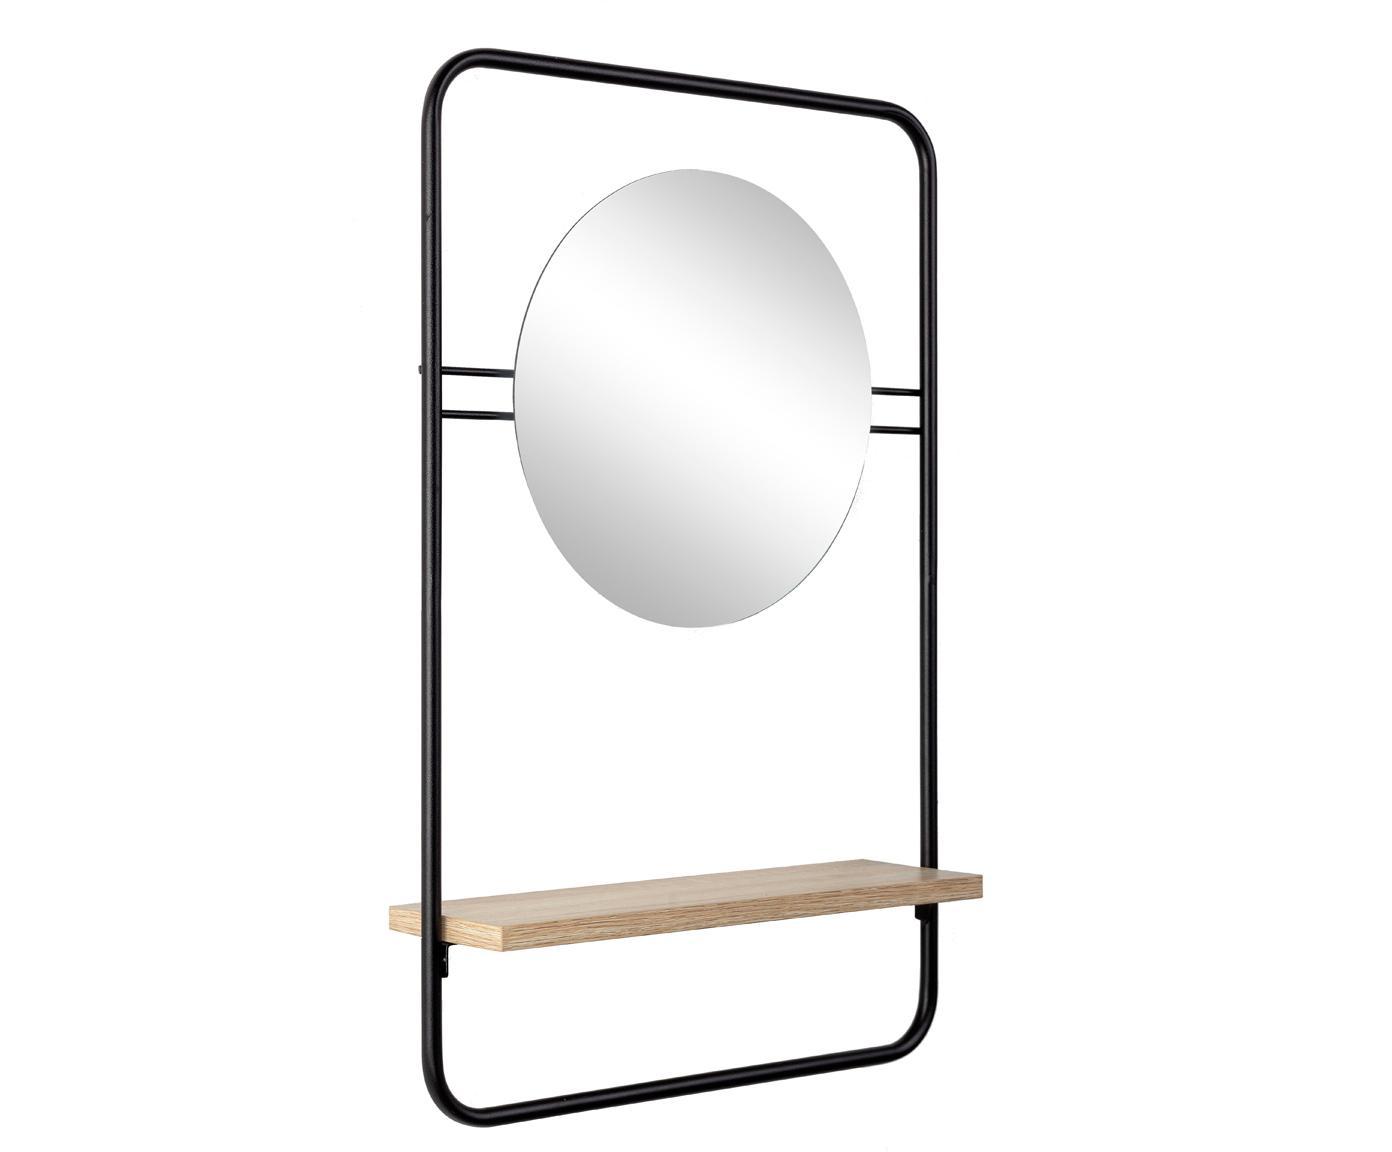 Wandspiegel Quiete mit Metallrahmen und Ablagefläche, Rahmen: Metall, beschichtet, Ablagefläche: Holz, Spiegelfläche: Spiegelglas, Schwarz, Holz, 41 x 64 cm